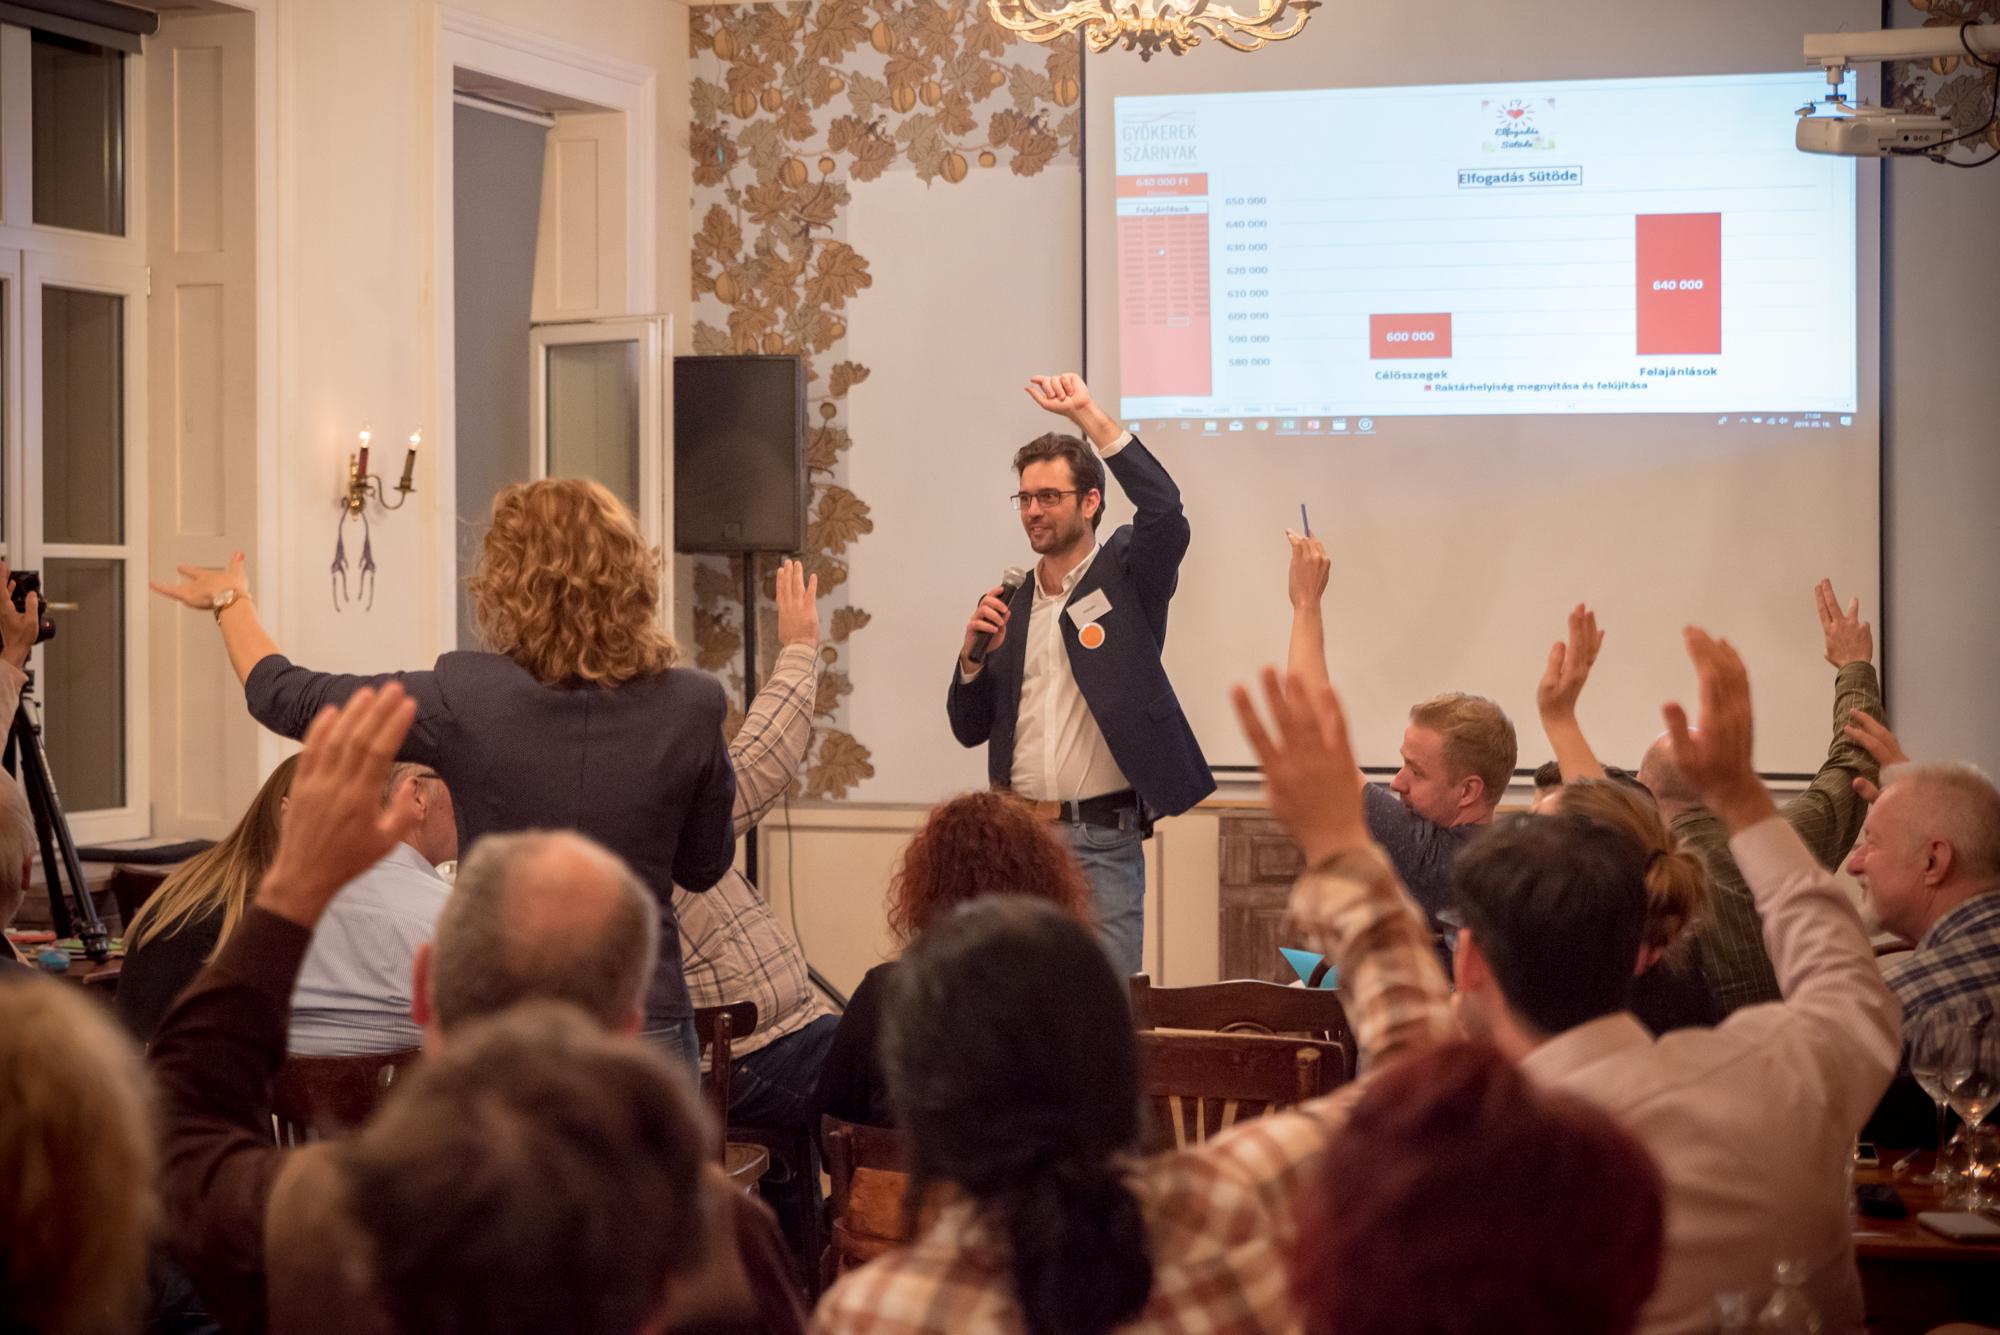 Ein Mann mit Mikrofon steht vor mehreren Menschen, die per Handzeichen über etwas abstimmen.